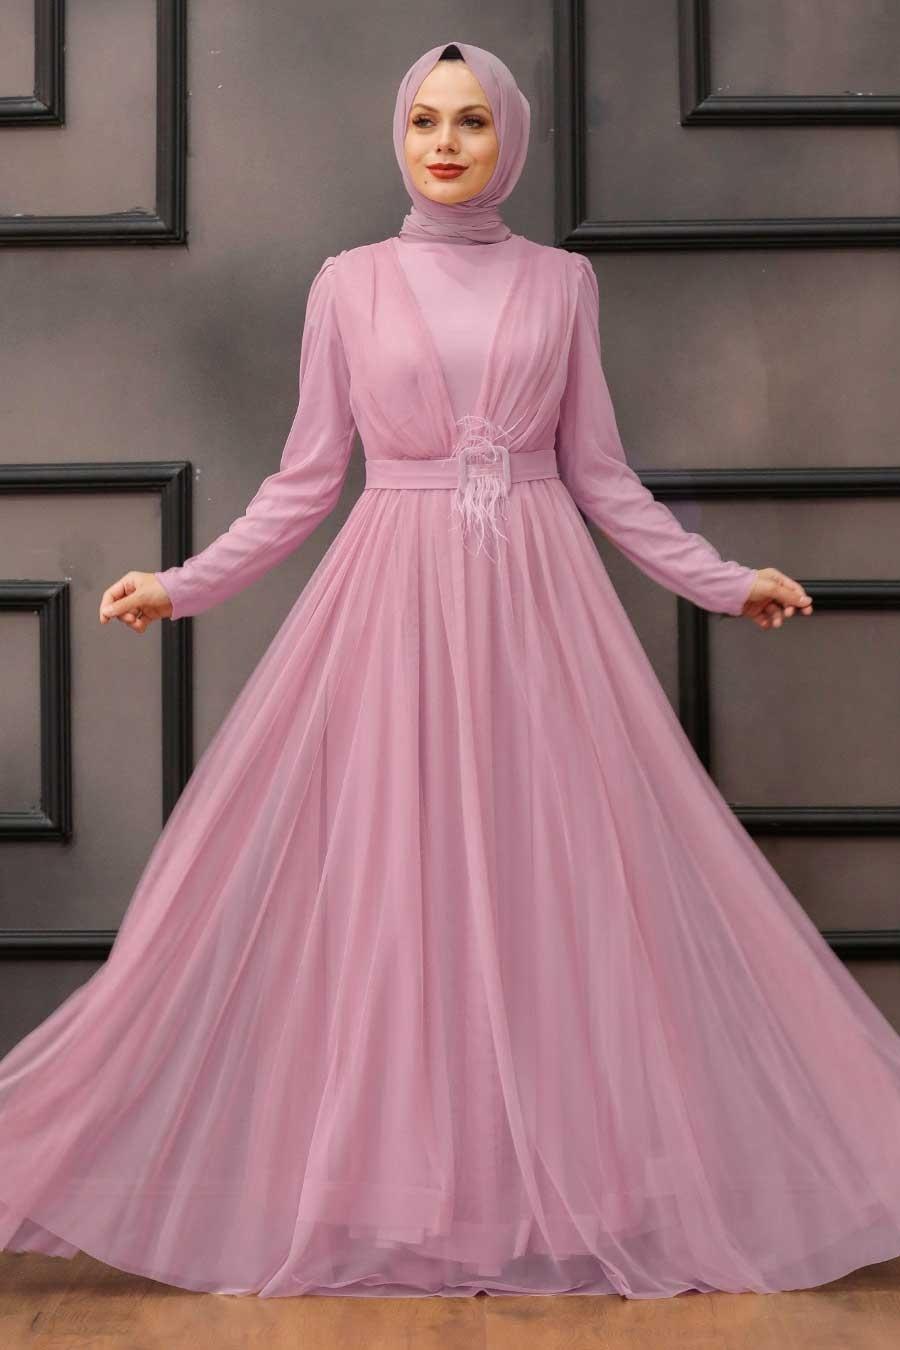 Tesettürlü Abiye Elbise - Tüy Detaylı Pudra Tesettür Abiye Elbise 23341PD